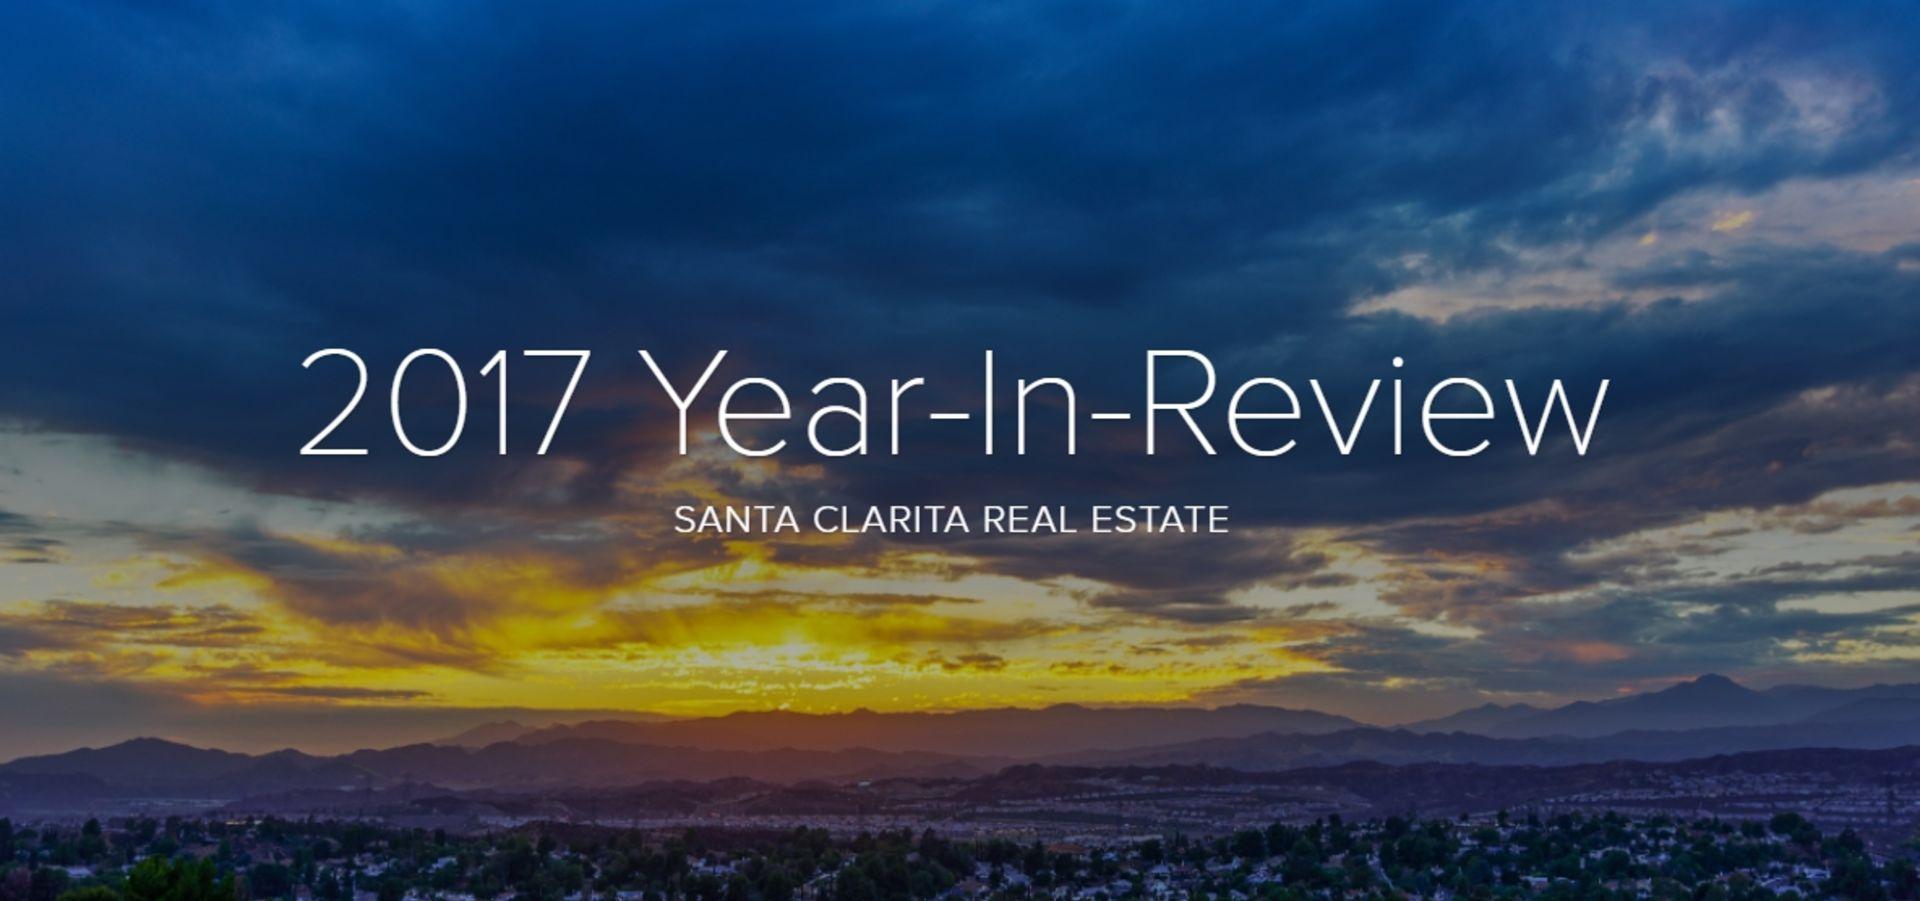 2017 Santa Clarita Real Estate Year in Review